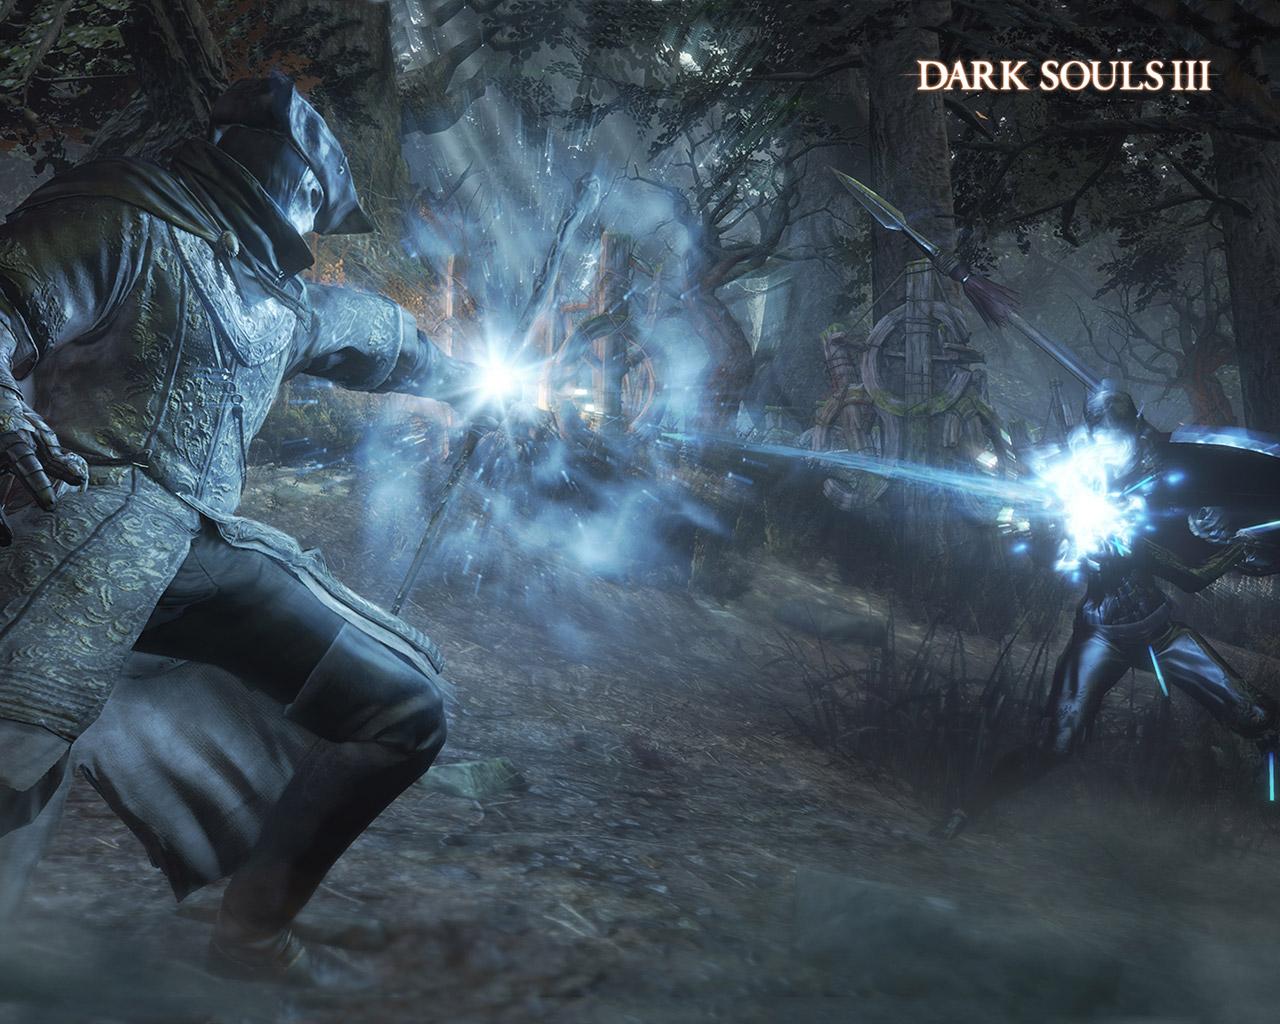 Free Dark Souls III Wallpaper in 1280x1024